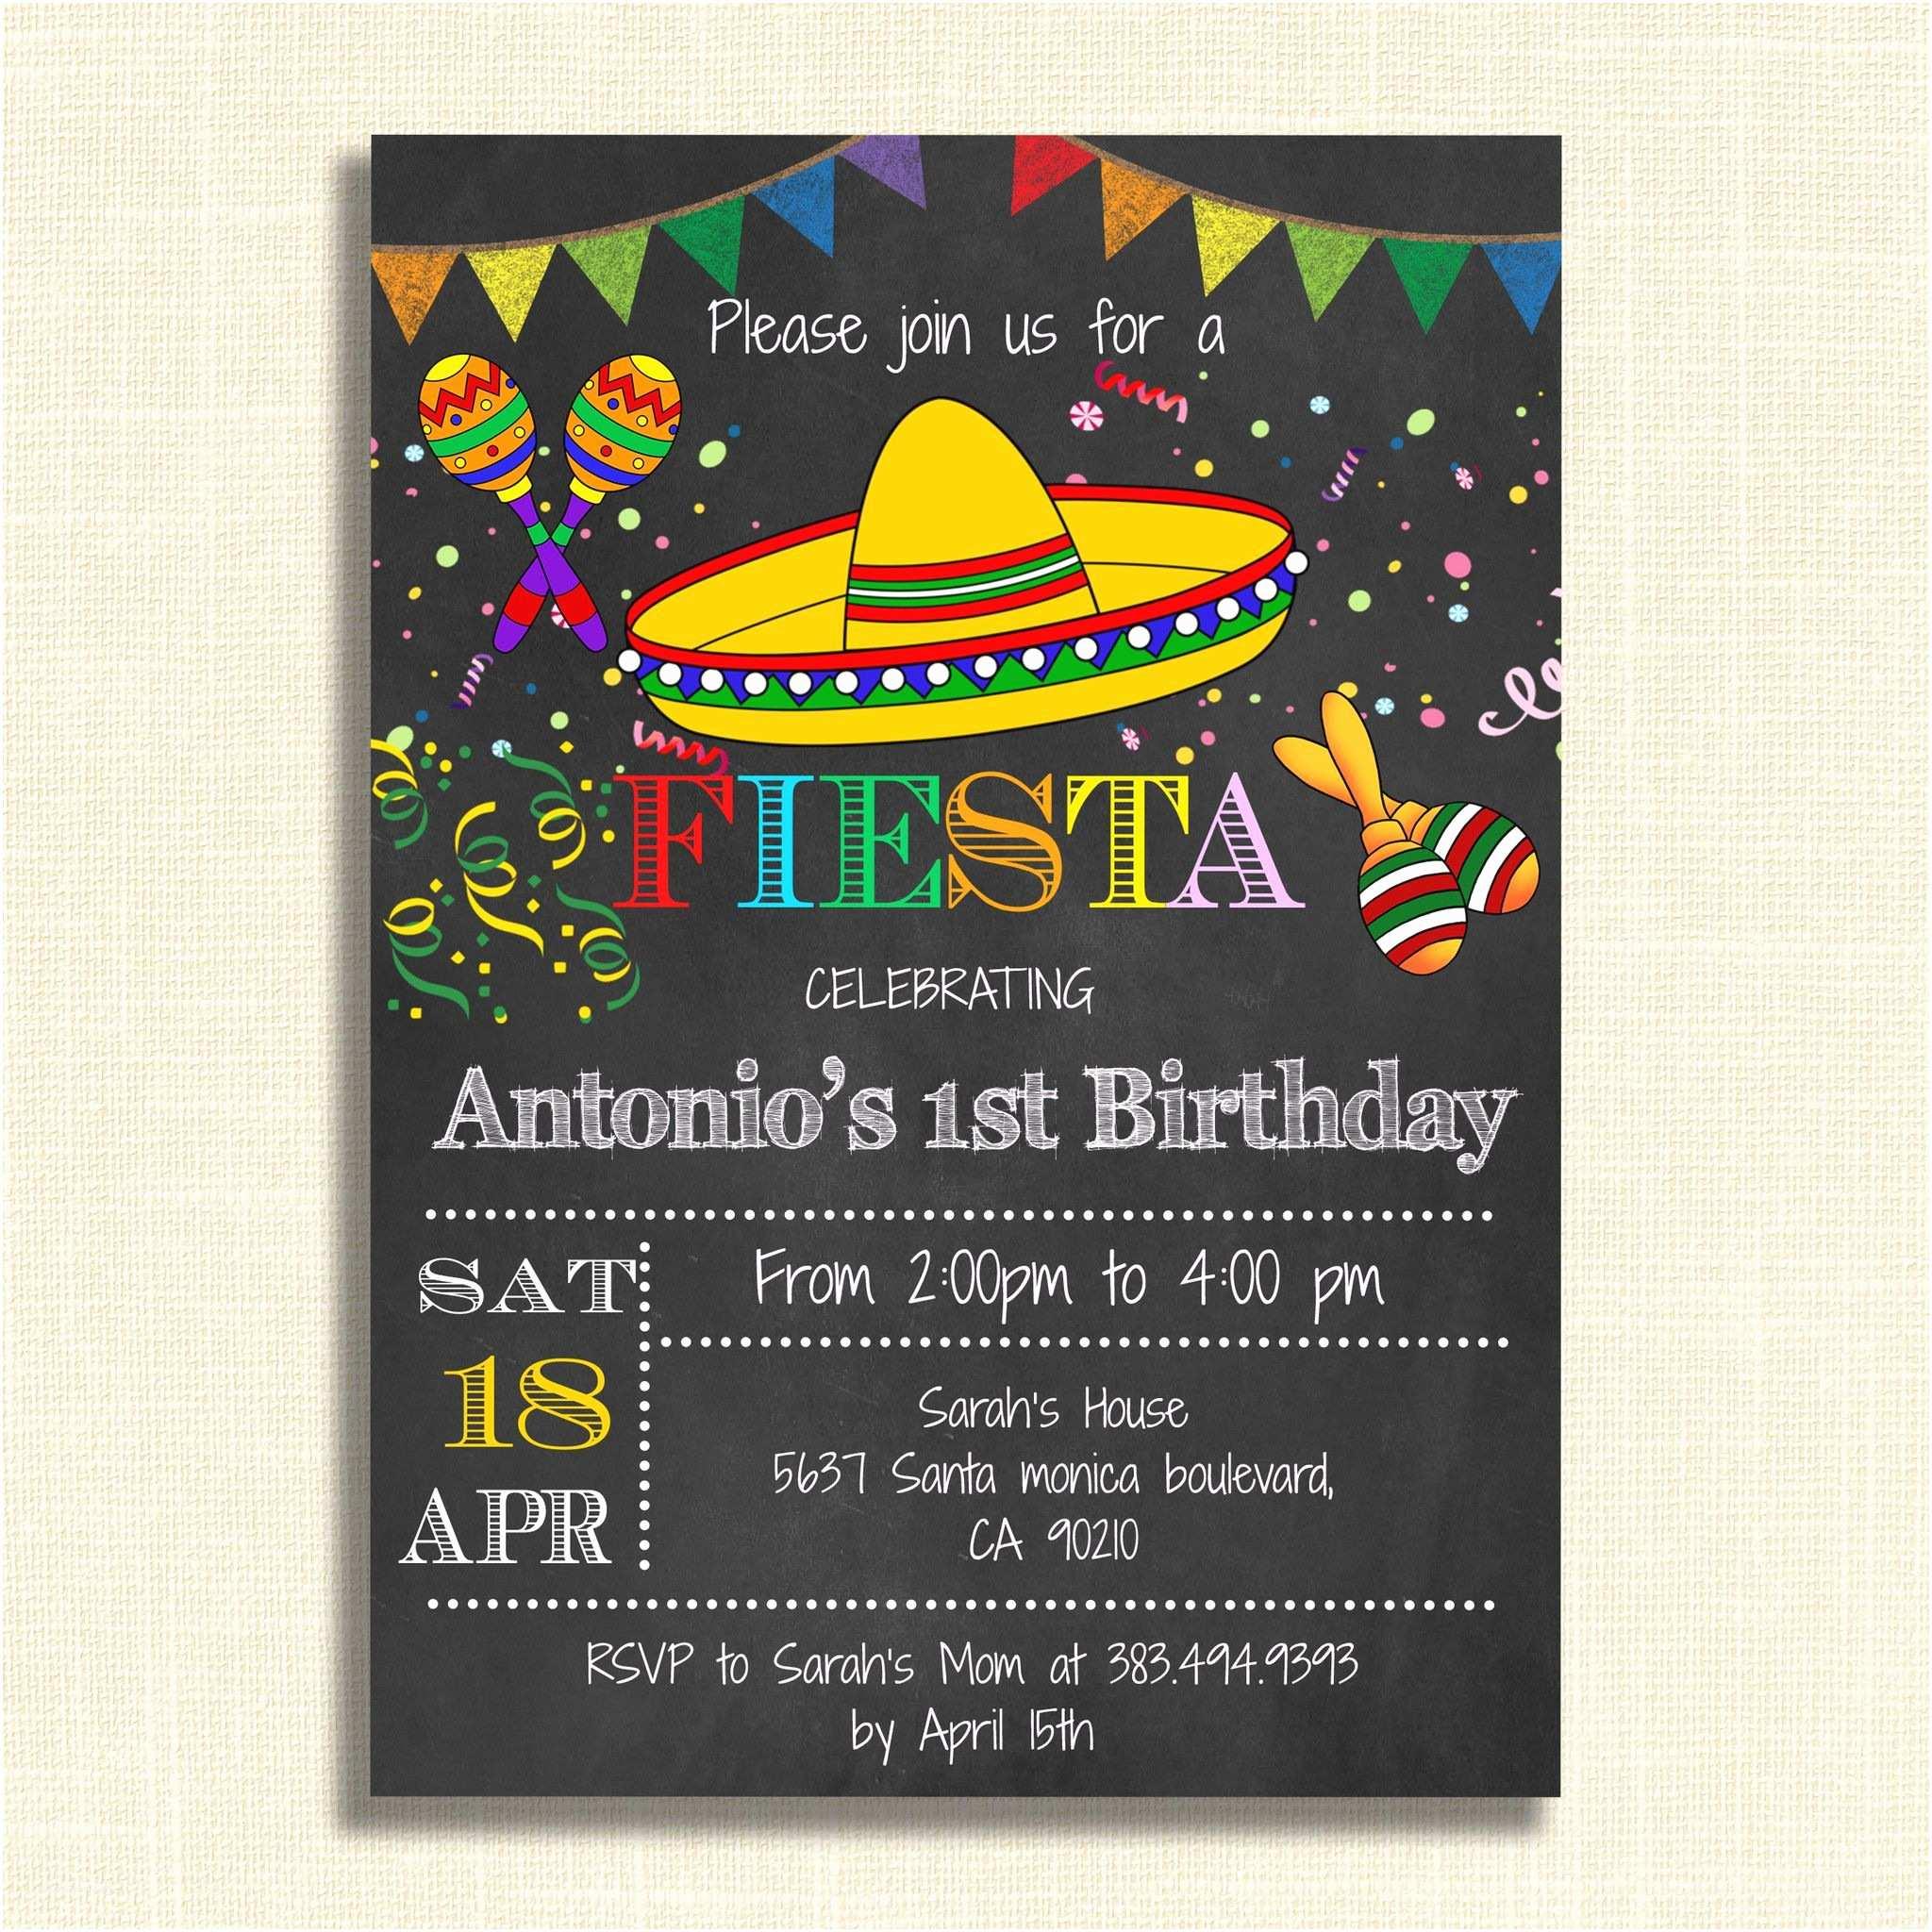 Diy Birthday Invitations Printable Mexican Fiesta Party Invitations – Diy Party